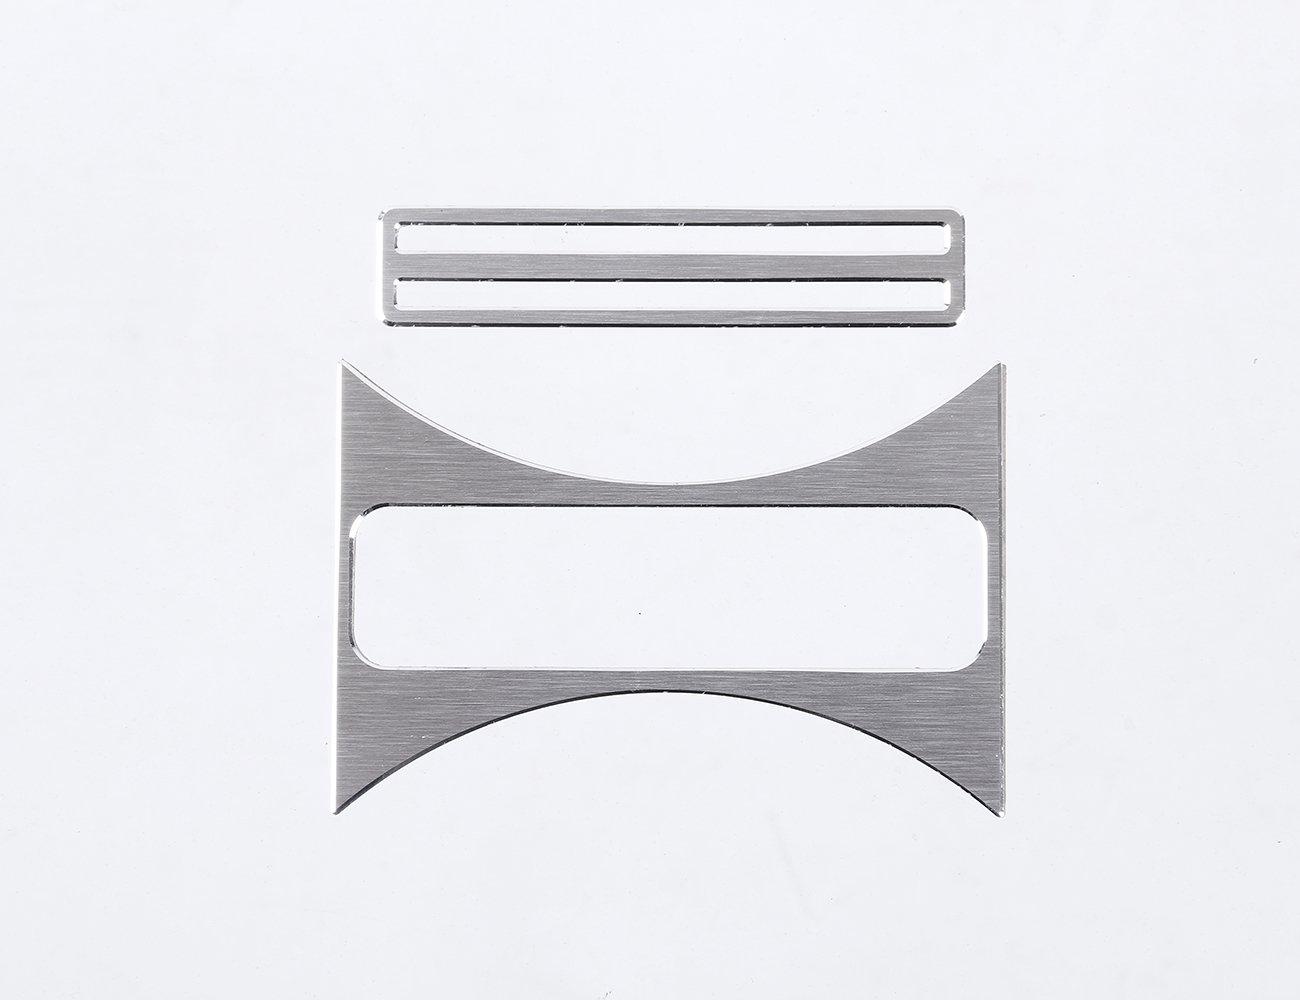 METYOUCAR Copertura per porta-bevande auto in lega di alluminio